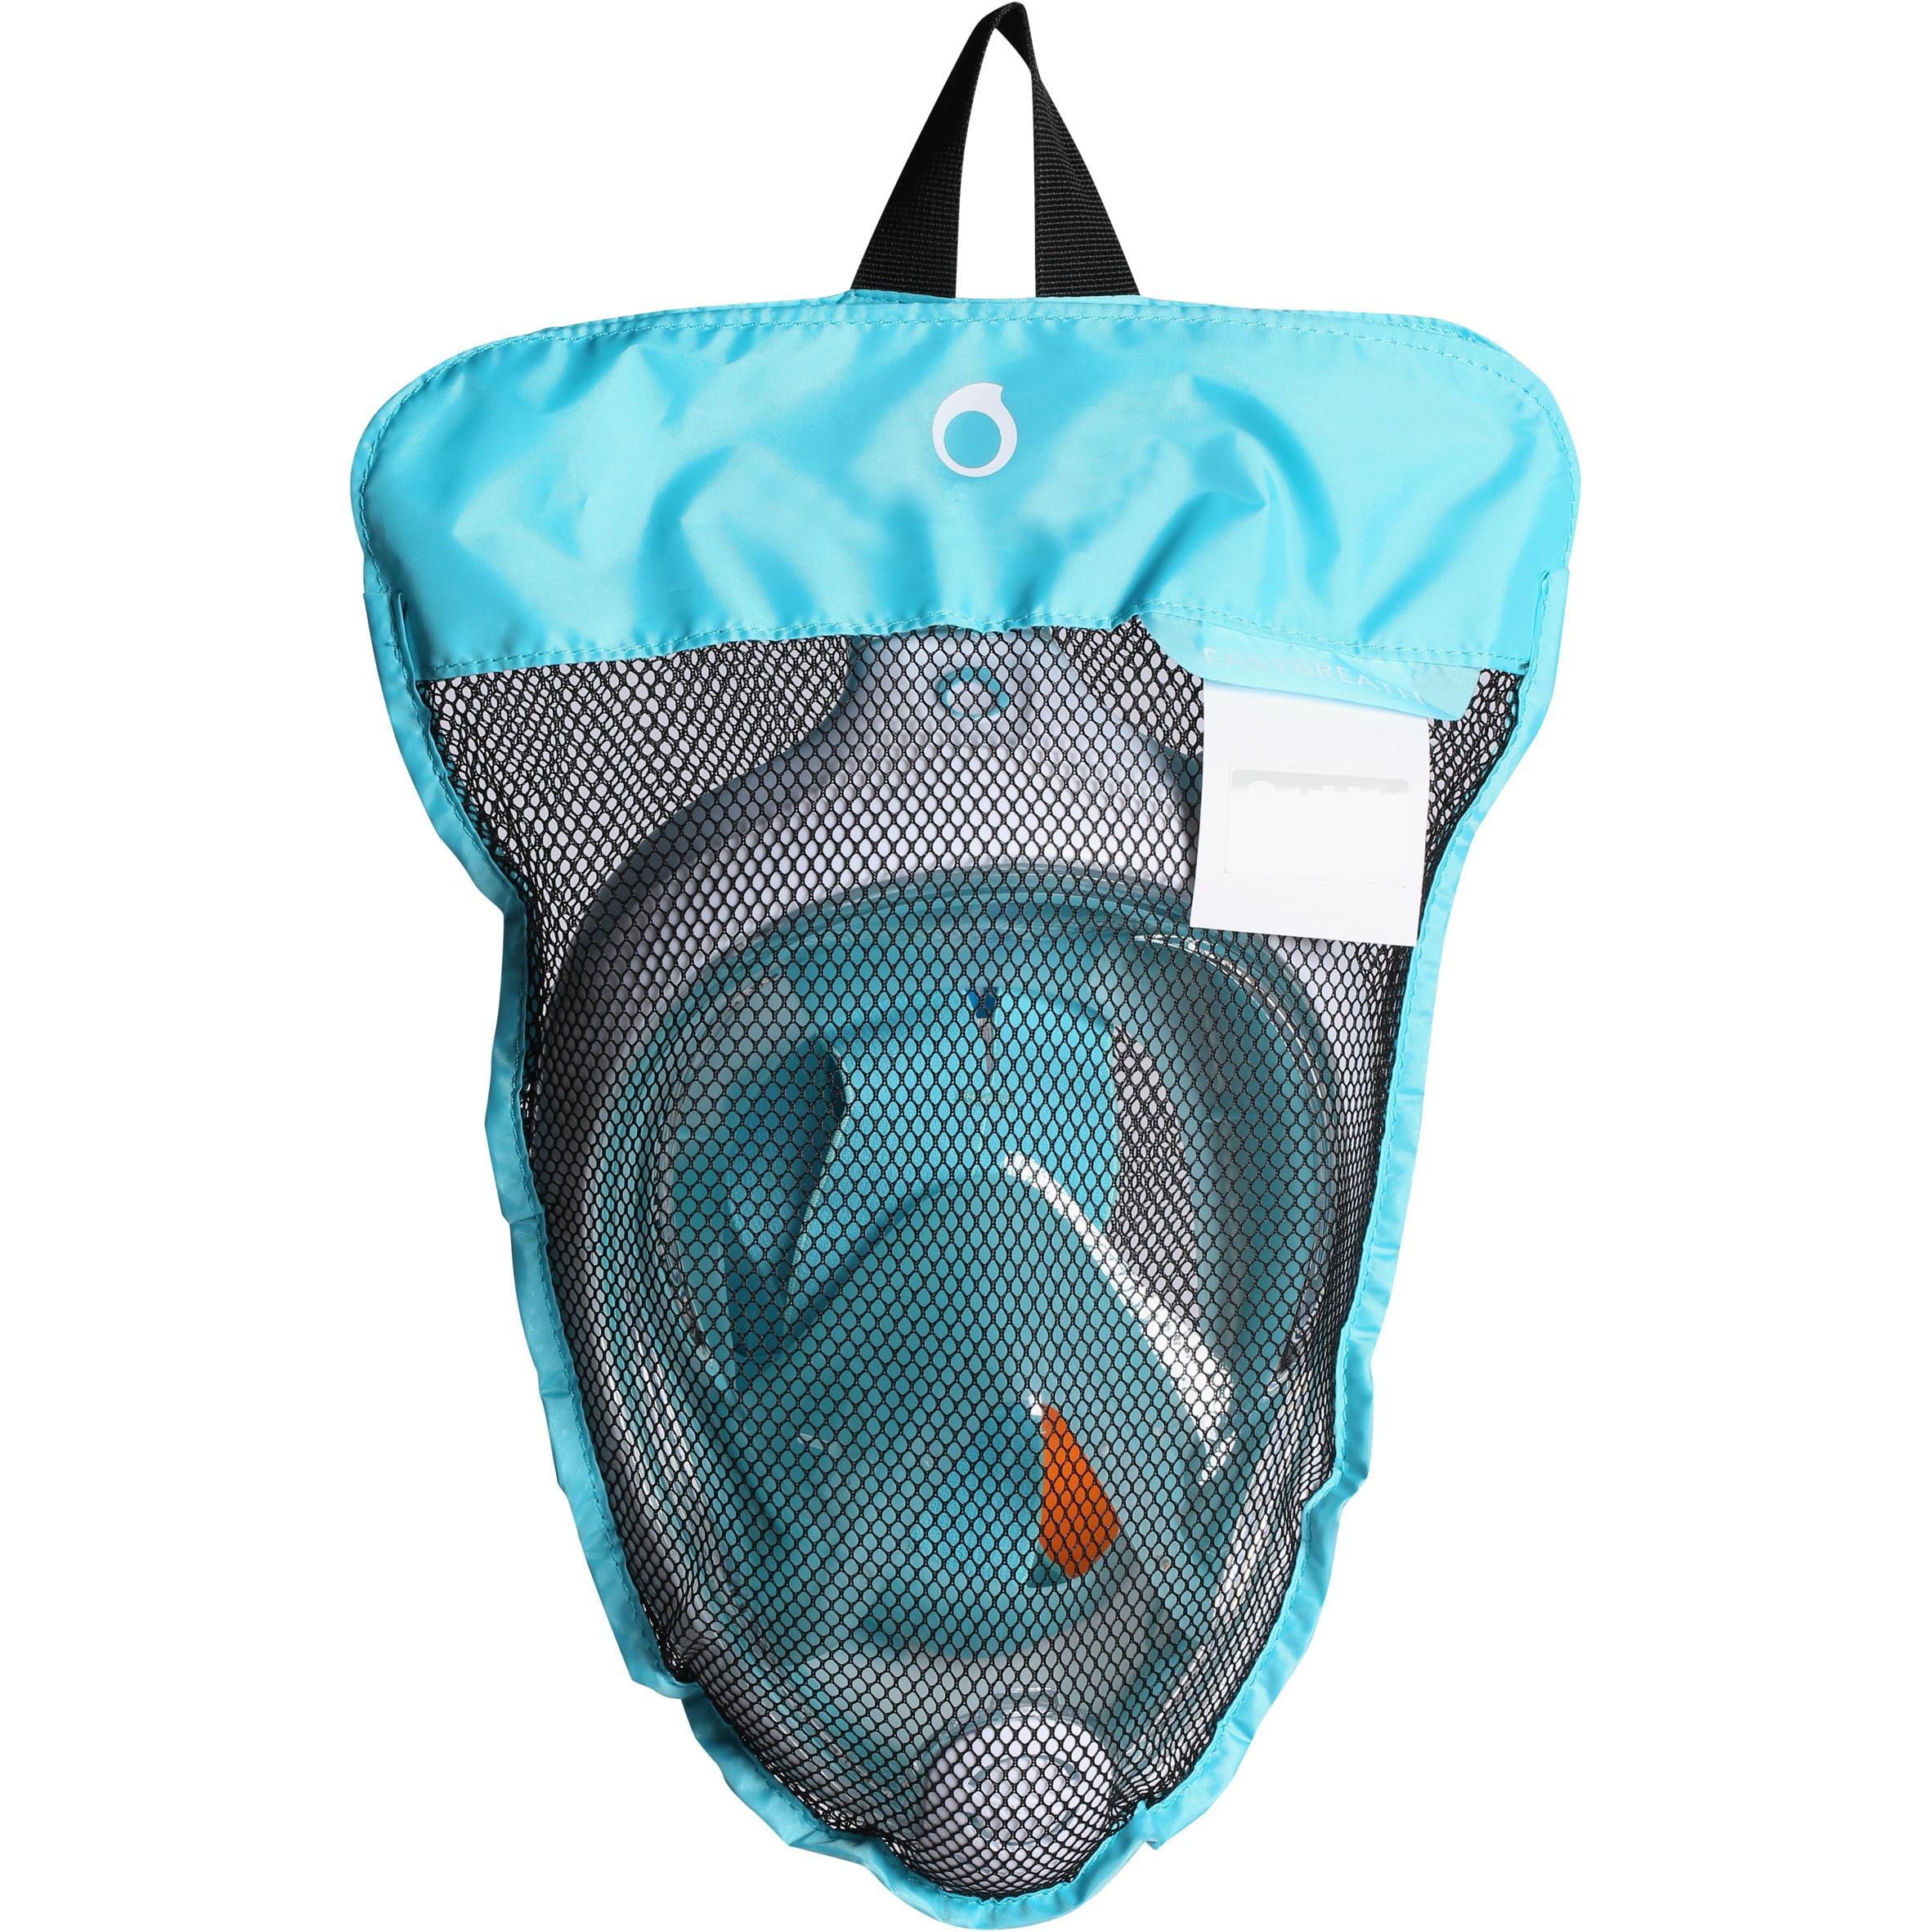 65587e45f awesome mscara de snorkeling easybreath azul turquesa with careta de buceo  decathlon